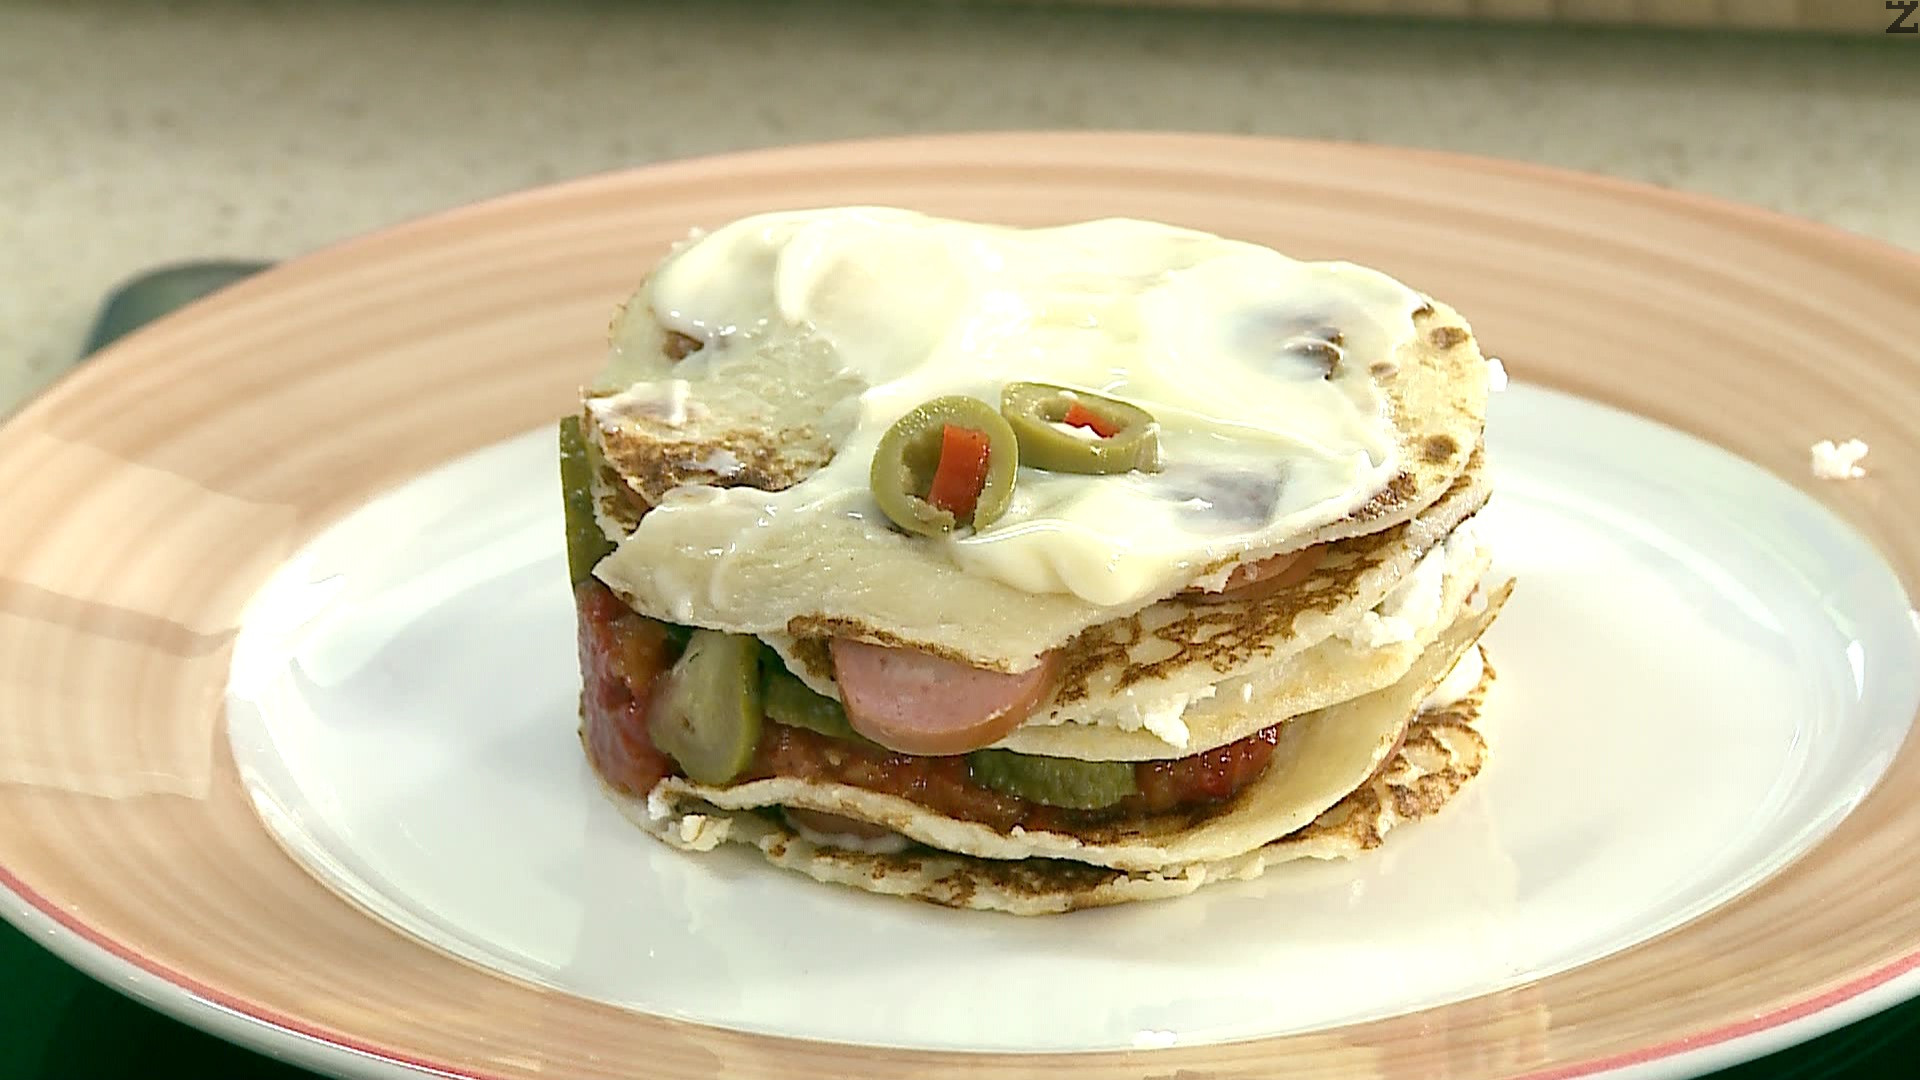 Слага се трета палачинка и покрива с настъргано сирене и четвърта палачинка.